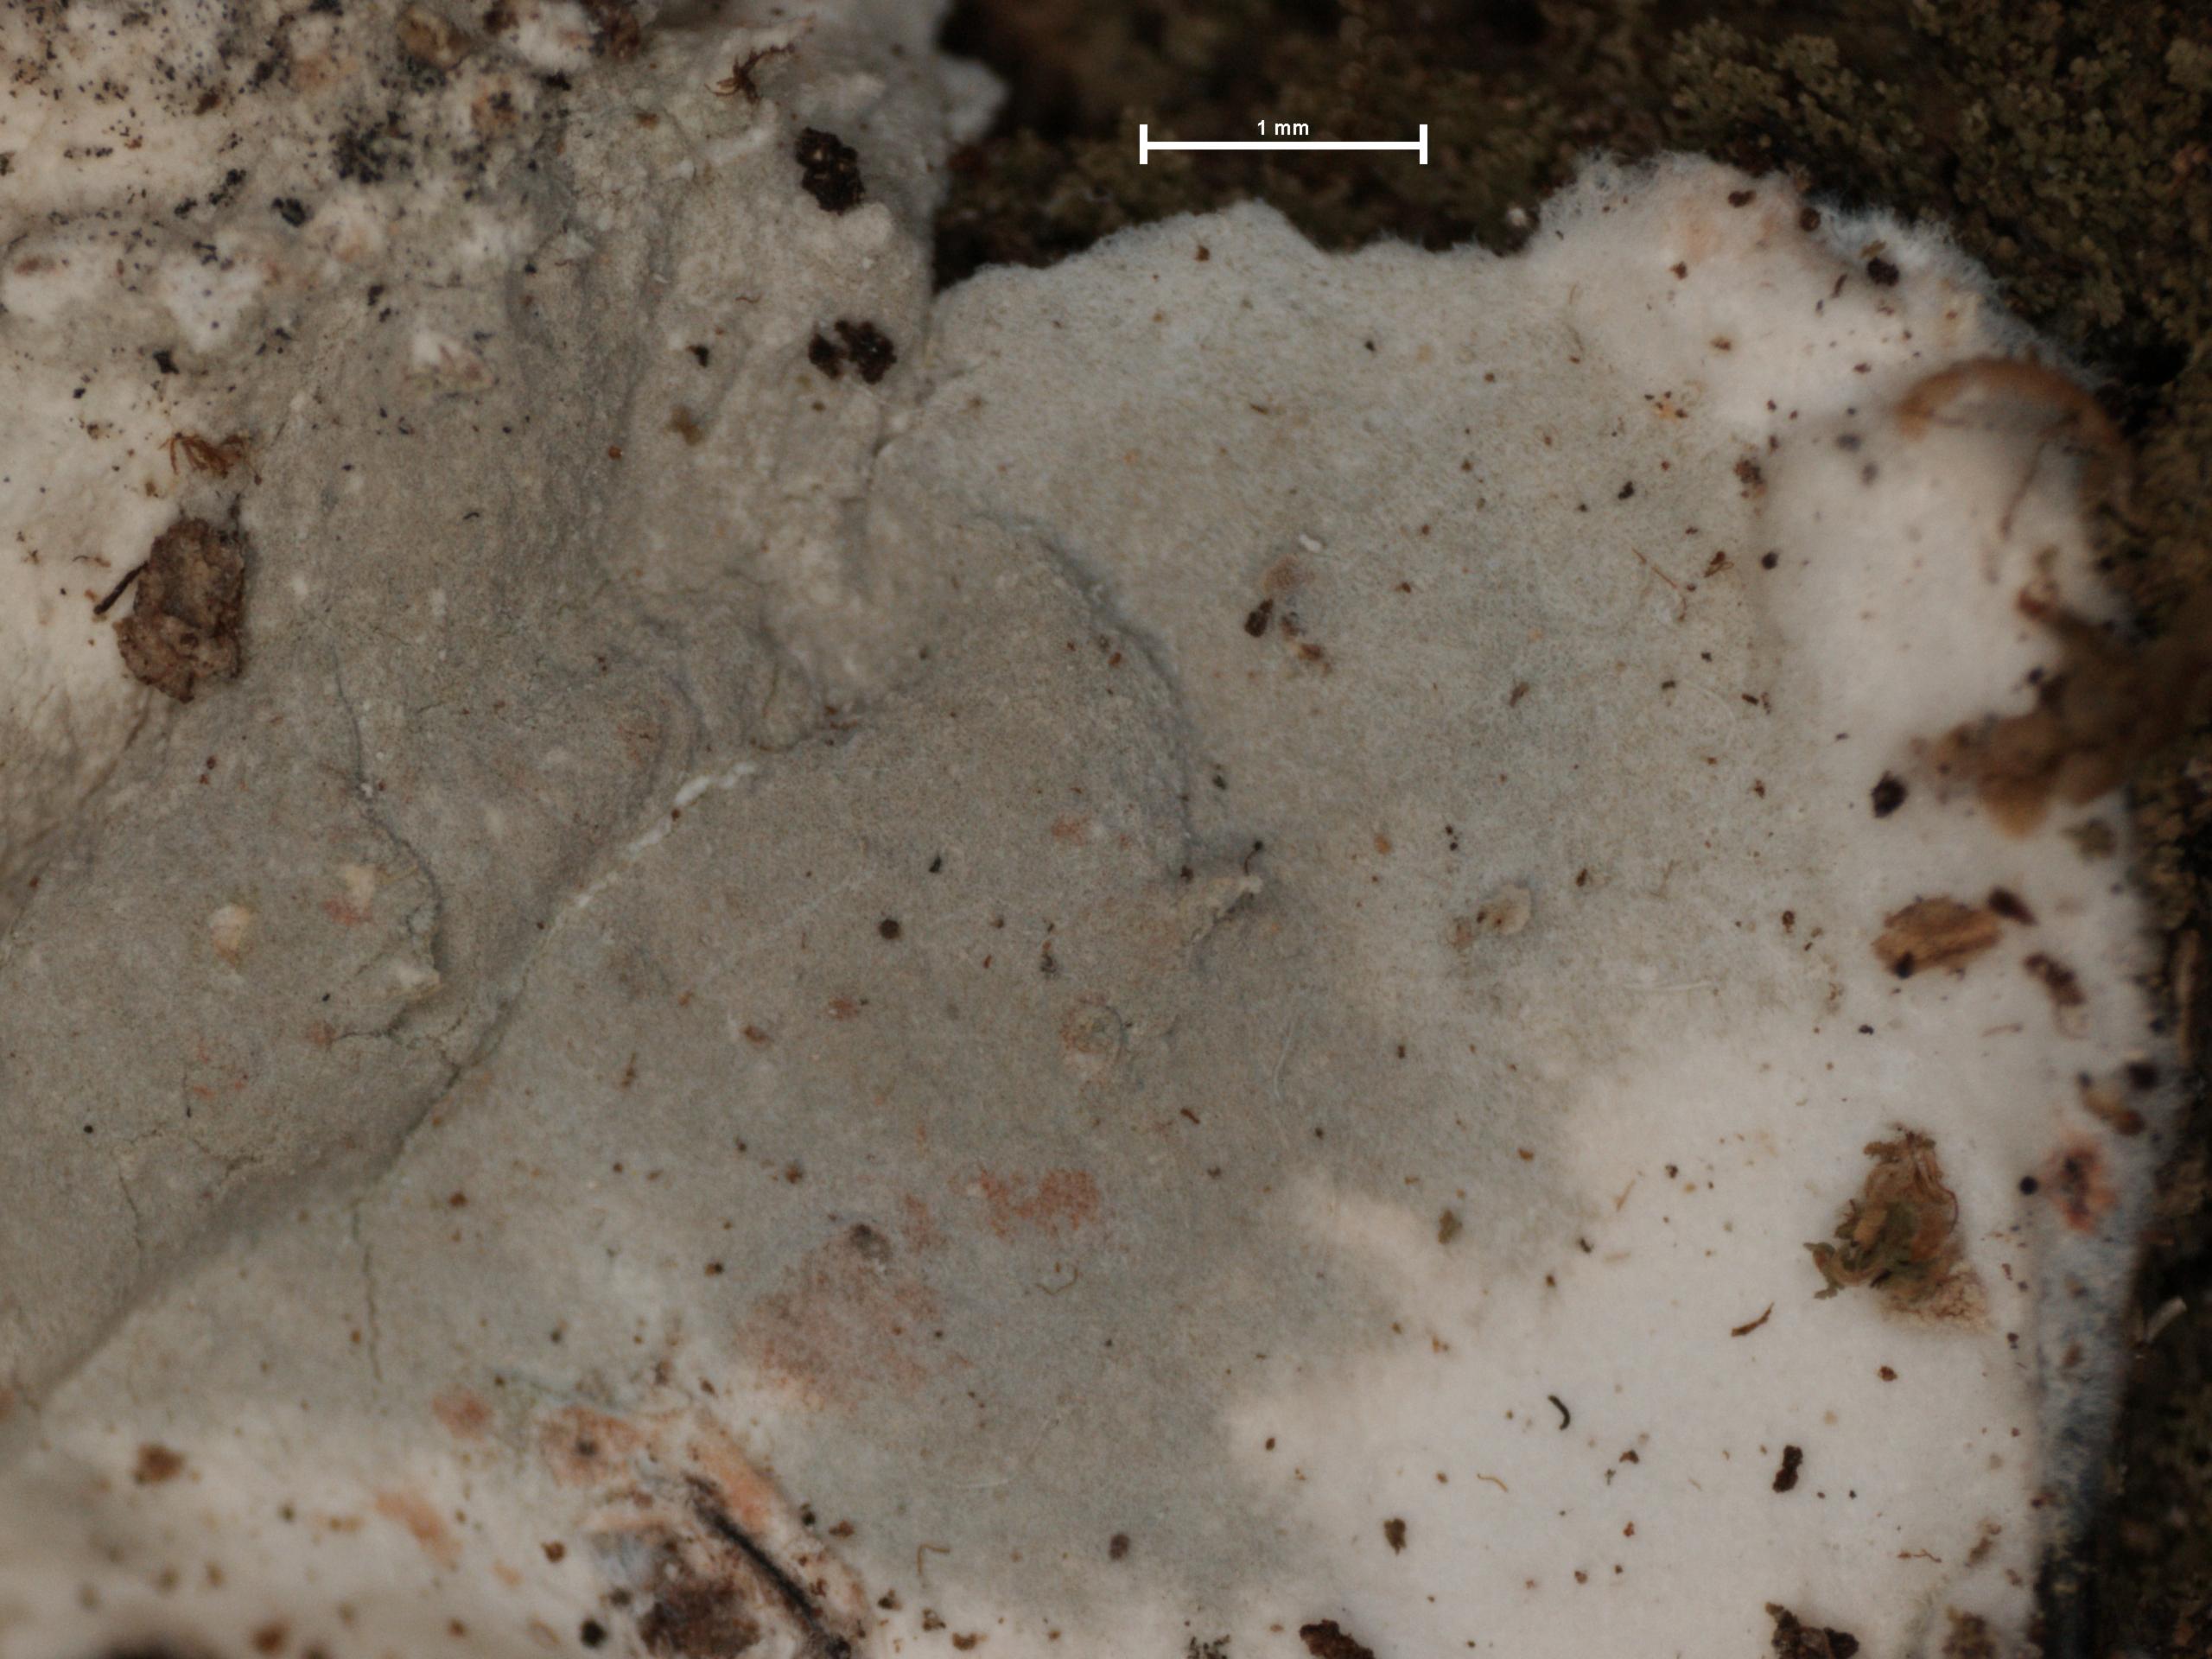 Arthonia montagnei image